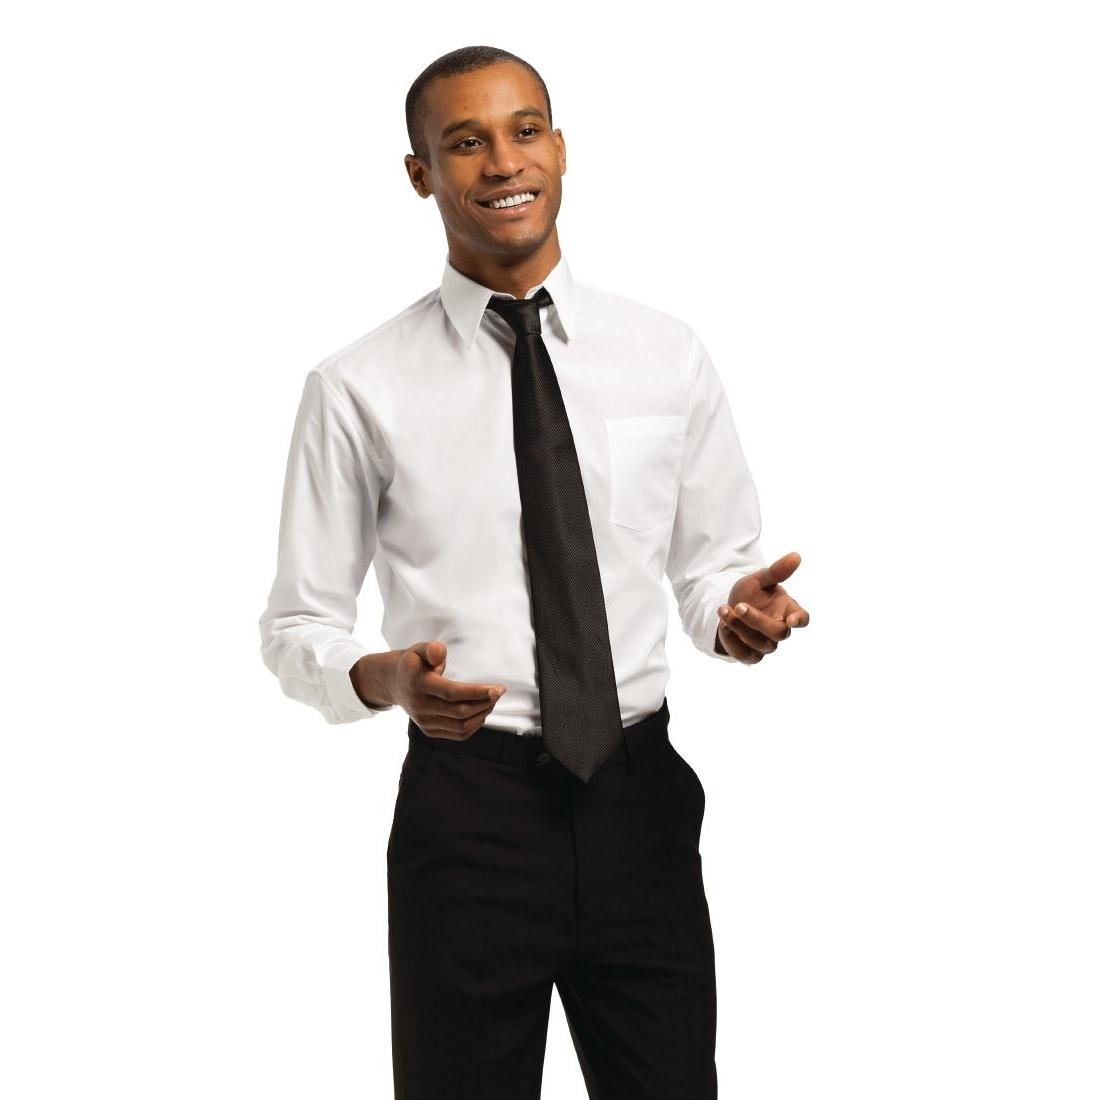 Chemise unisexe Uniform Works manches longues blanche SOLDES